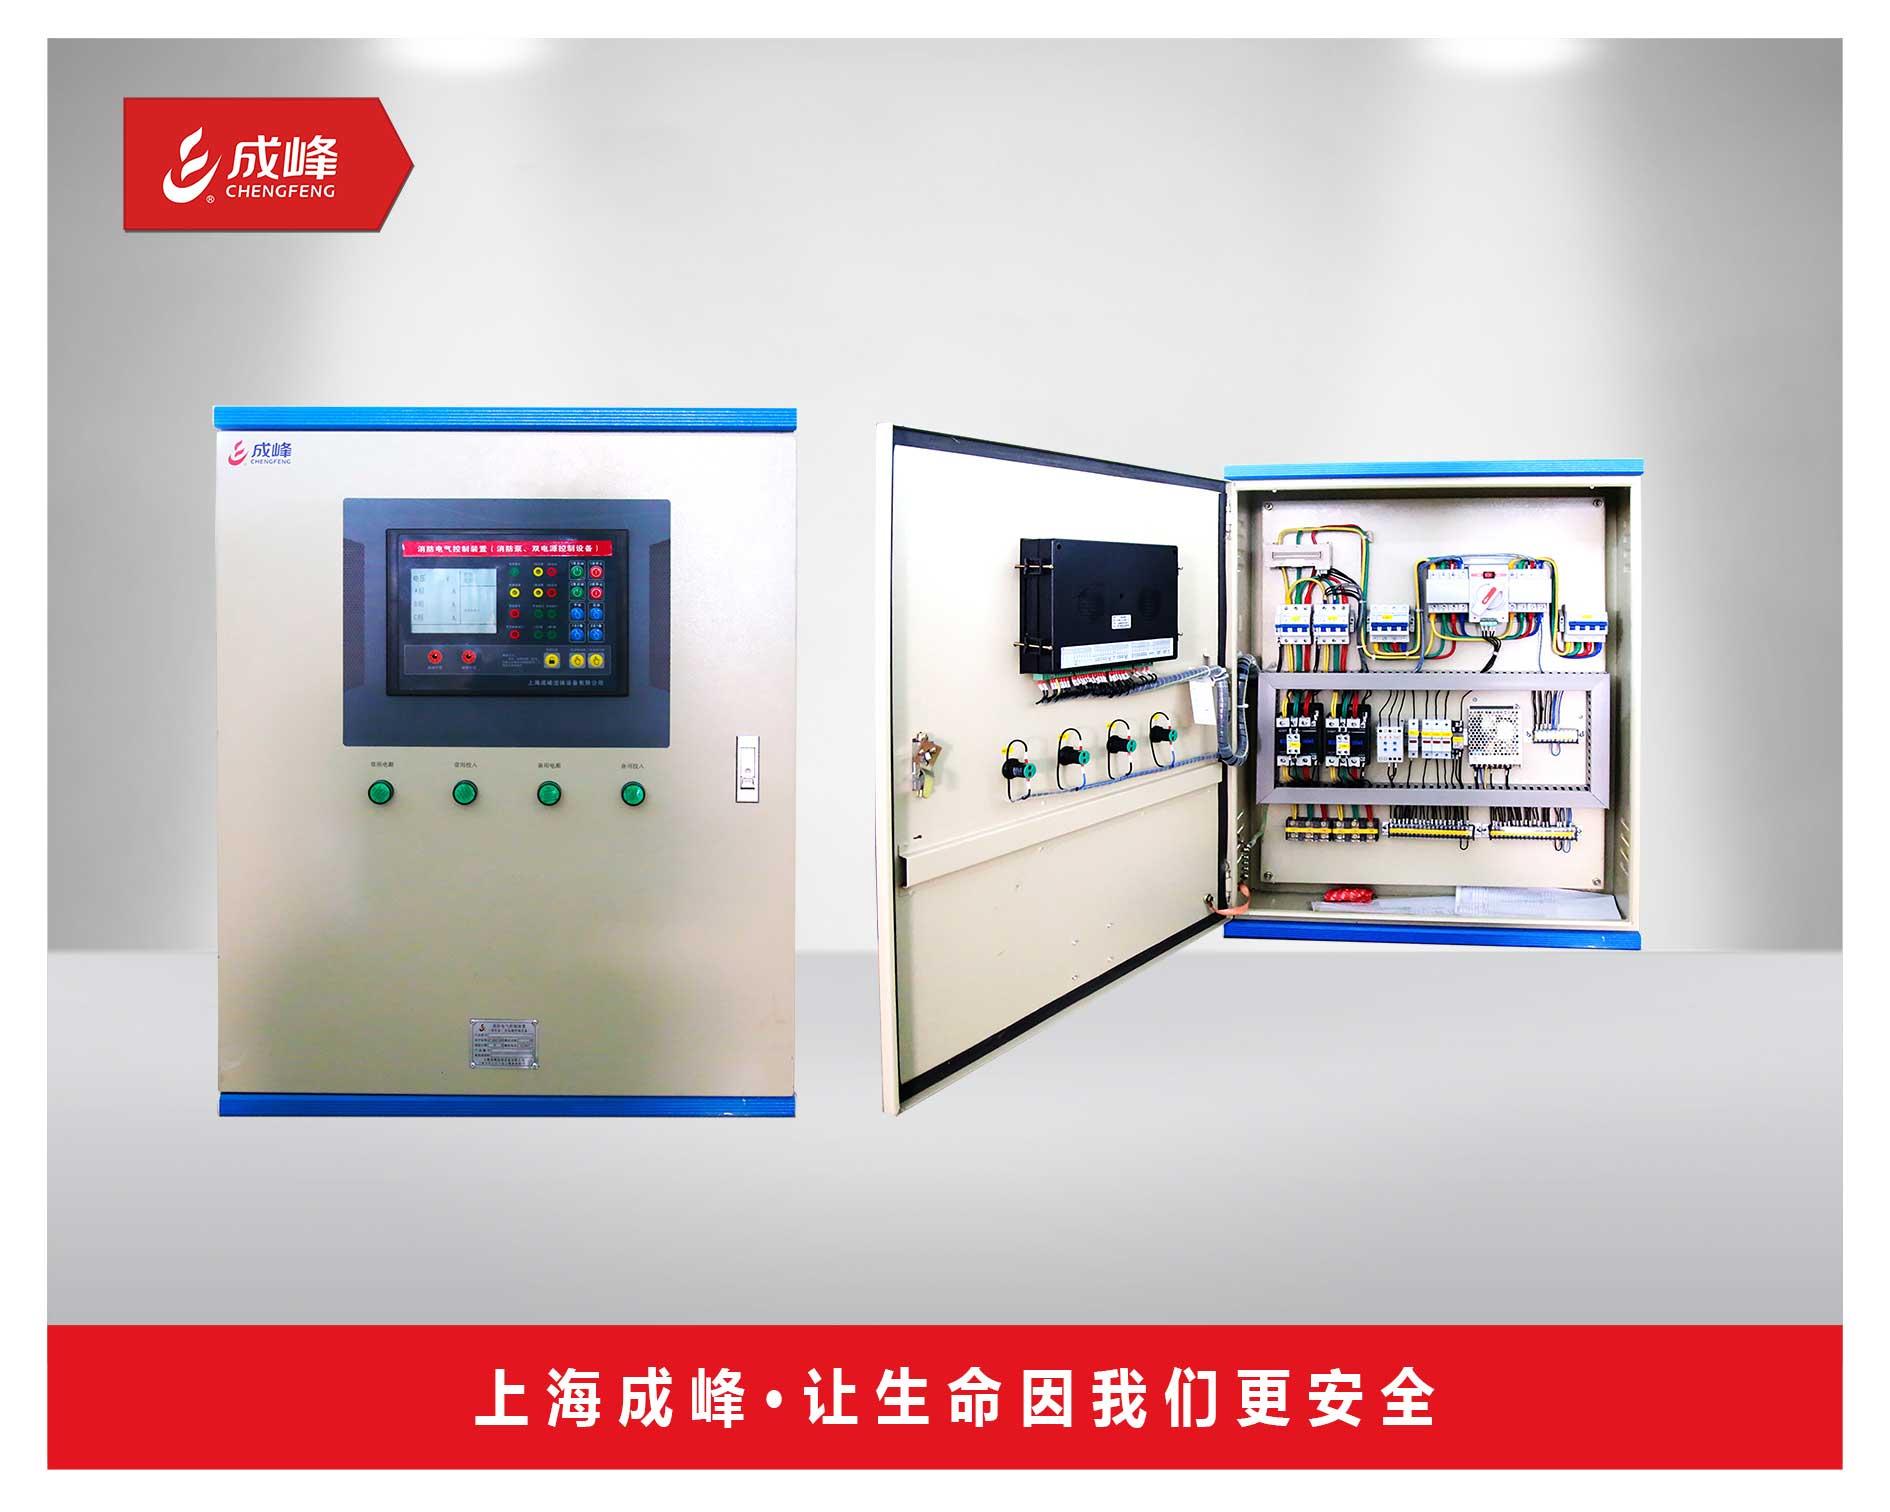 上海高质量消防控制柜性价比高,消防控制柜